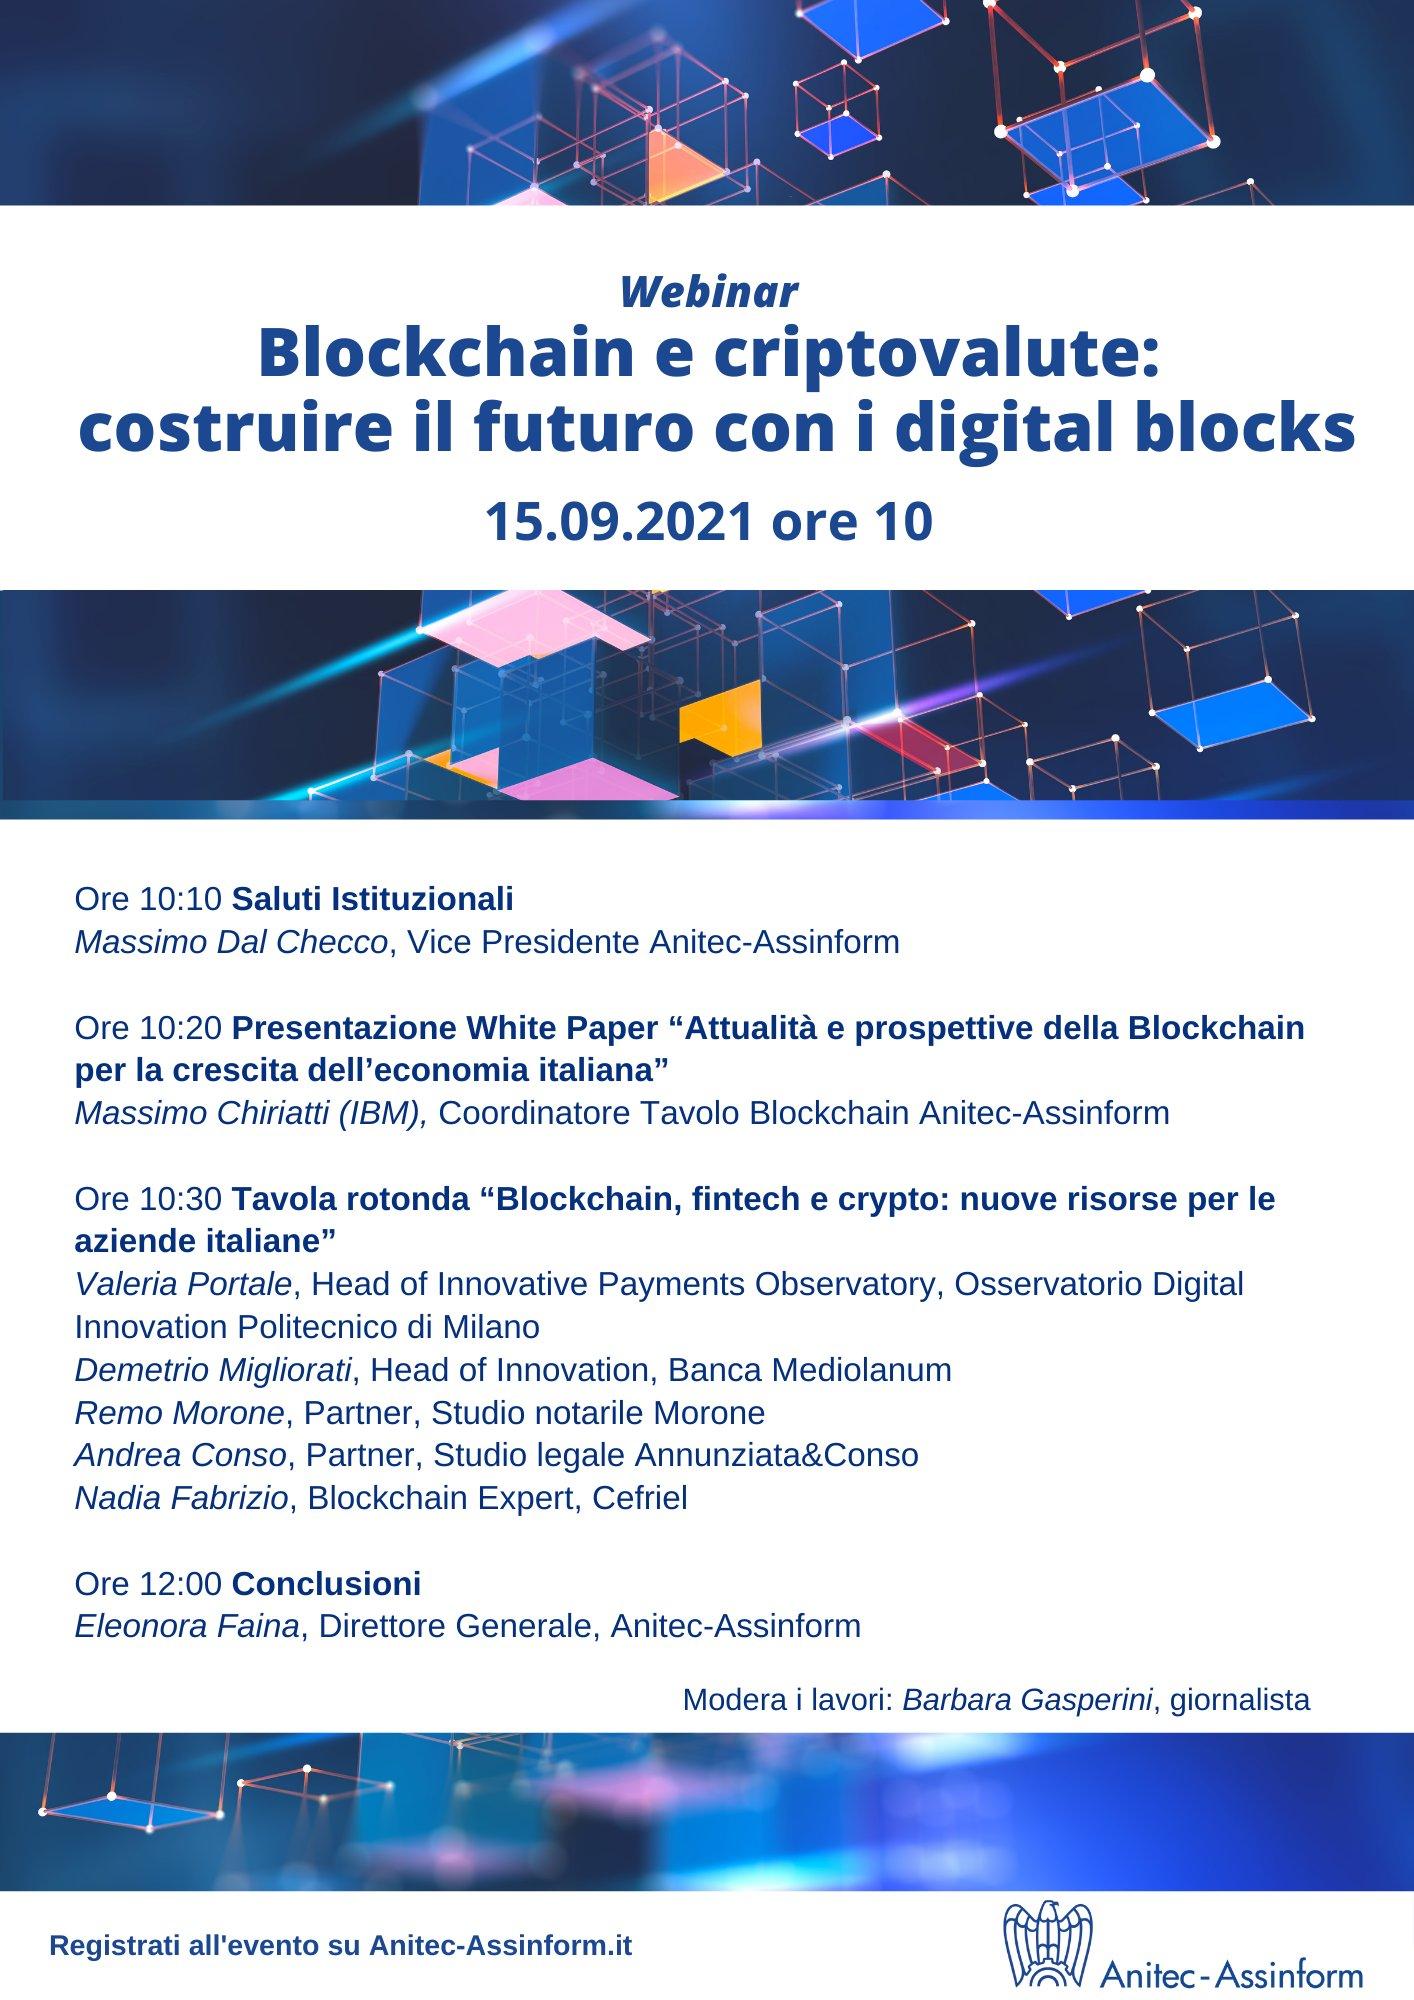 Blockchain e criptovalute: costruire il futuro con i digital blocks